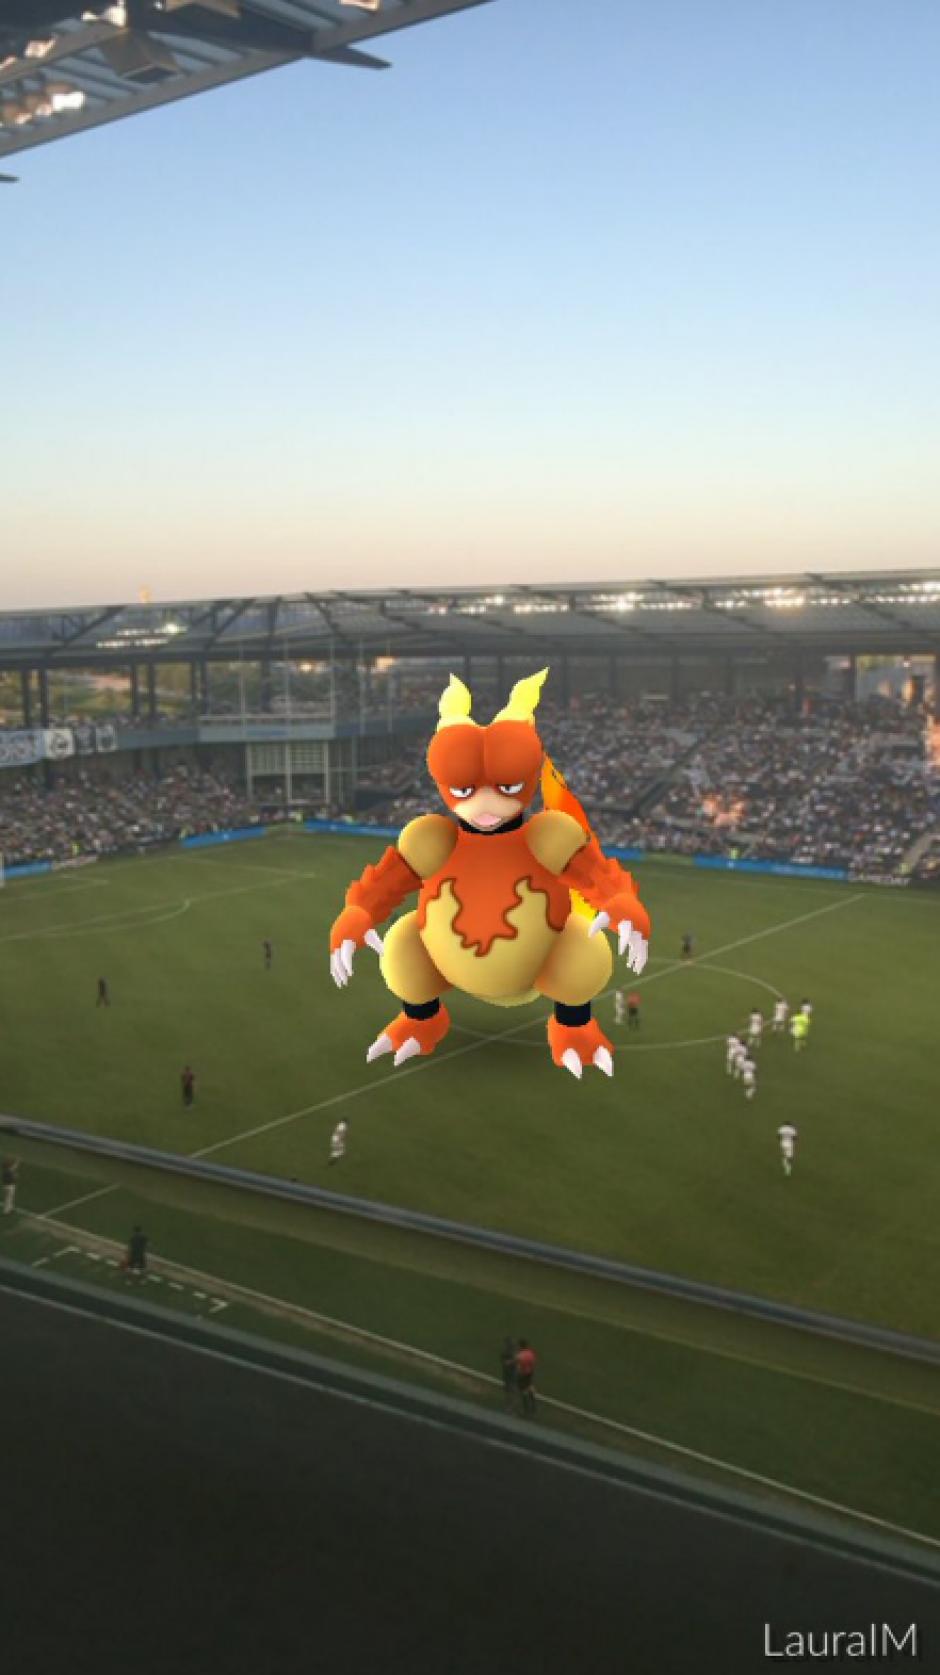 Las jugadores se divertían al ver aparecer a los Pokémon. (Captura de pantalla: Twitter)